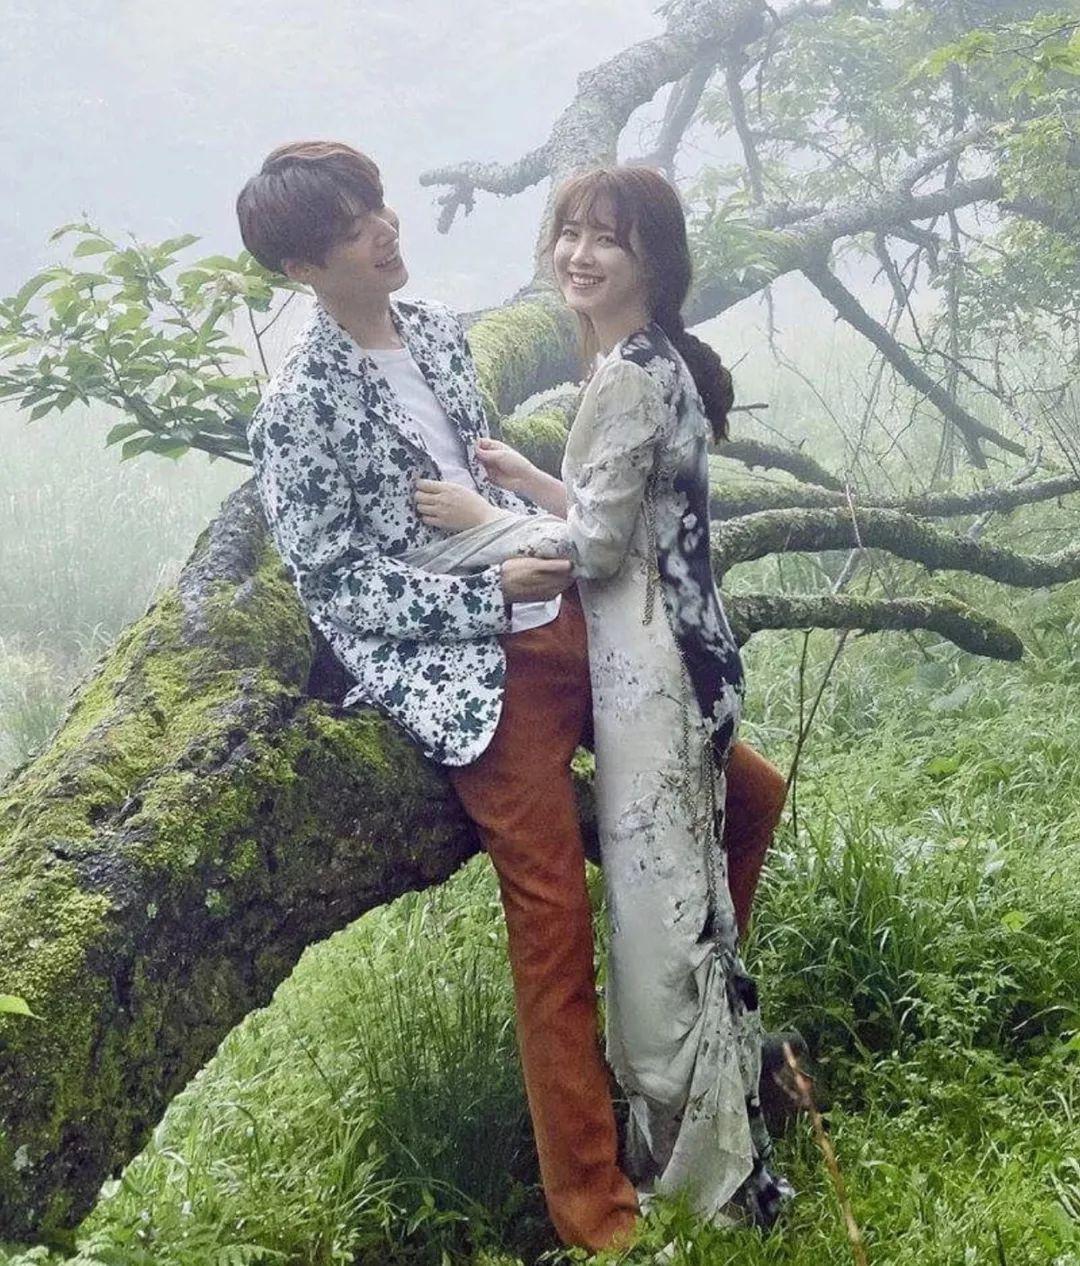 葵式生活 具惠善婚变:无需怀疑爱情,只需对感情负责!